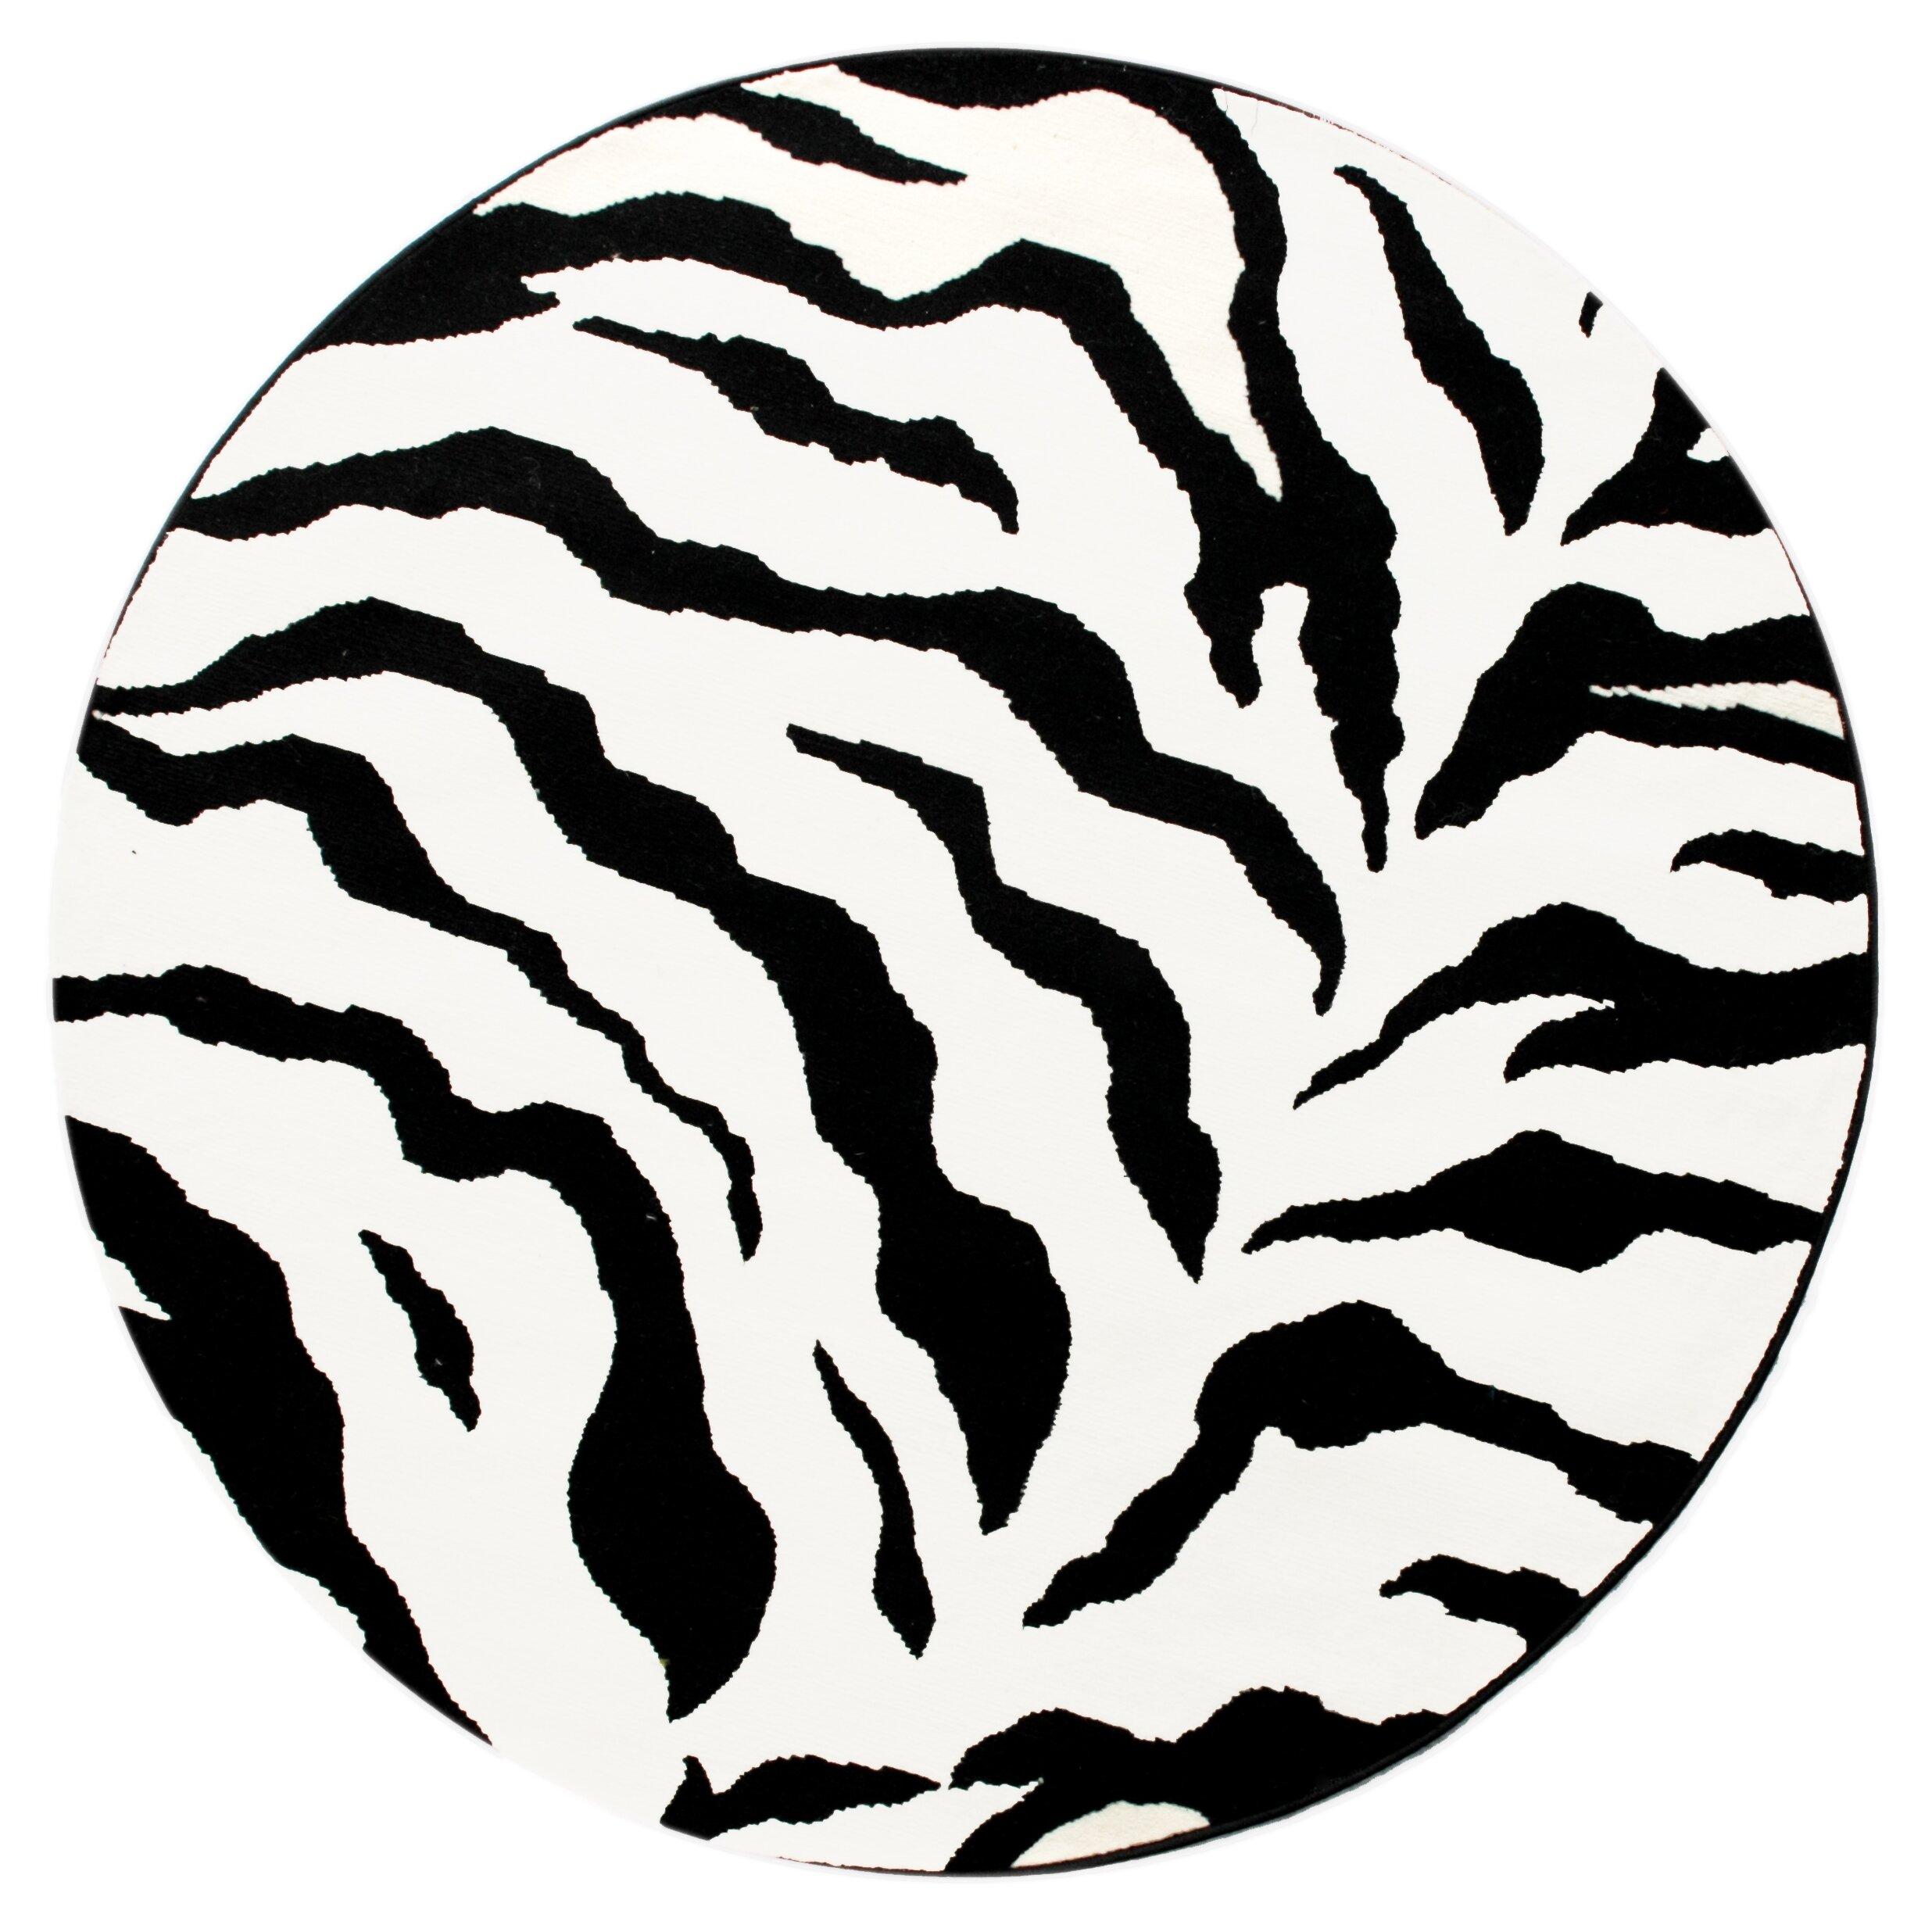 Zebra Rug Large: NuLOOM Earth Zebra Print Black & Ivory Area Rug & Reviews